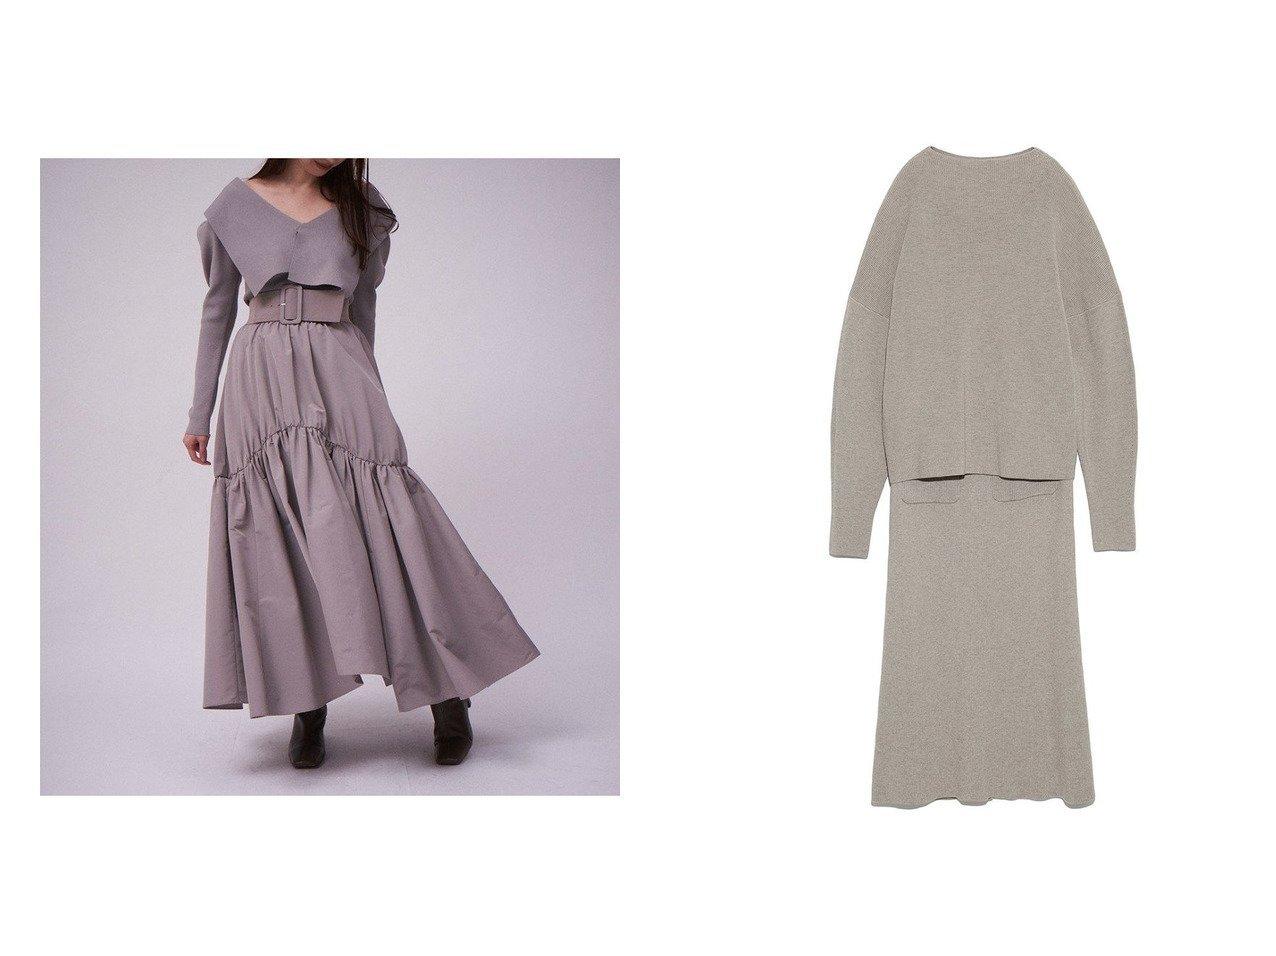 【Mila Owen/ミラオーウェン】の袖ボリュームニットスカートセットアップ&【SNIDEL/スナイデル】のベルトオンボリュームギャザースカート 【スカート】おすすめ!人気、トレンド・レディースファッションの通販 おすすめで人気の流行・トレンド、ファッションの通販商品 インテリア・家具・メンズファッション・キッズファッション・レディースファッション・服の通販 founy(ファニー) https://founy.com/ ファッション Fashion レディースファッション WOMEN セットアップ Setup スカート Skirt スカート Skirt ロングスカート Long Skirt ベルト Belts NEW・新作・新着・新入荷 New Arrivals カットソー シンプル ストレート セットアップ パターン 再入荷 Restock/Back in Stock/Re Arrival  ID:crp329100000074896